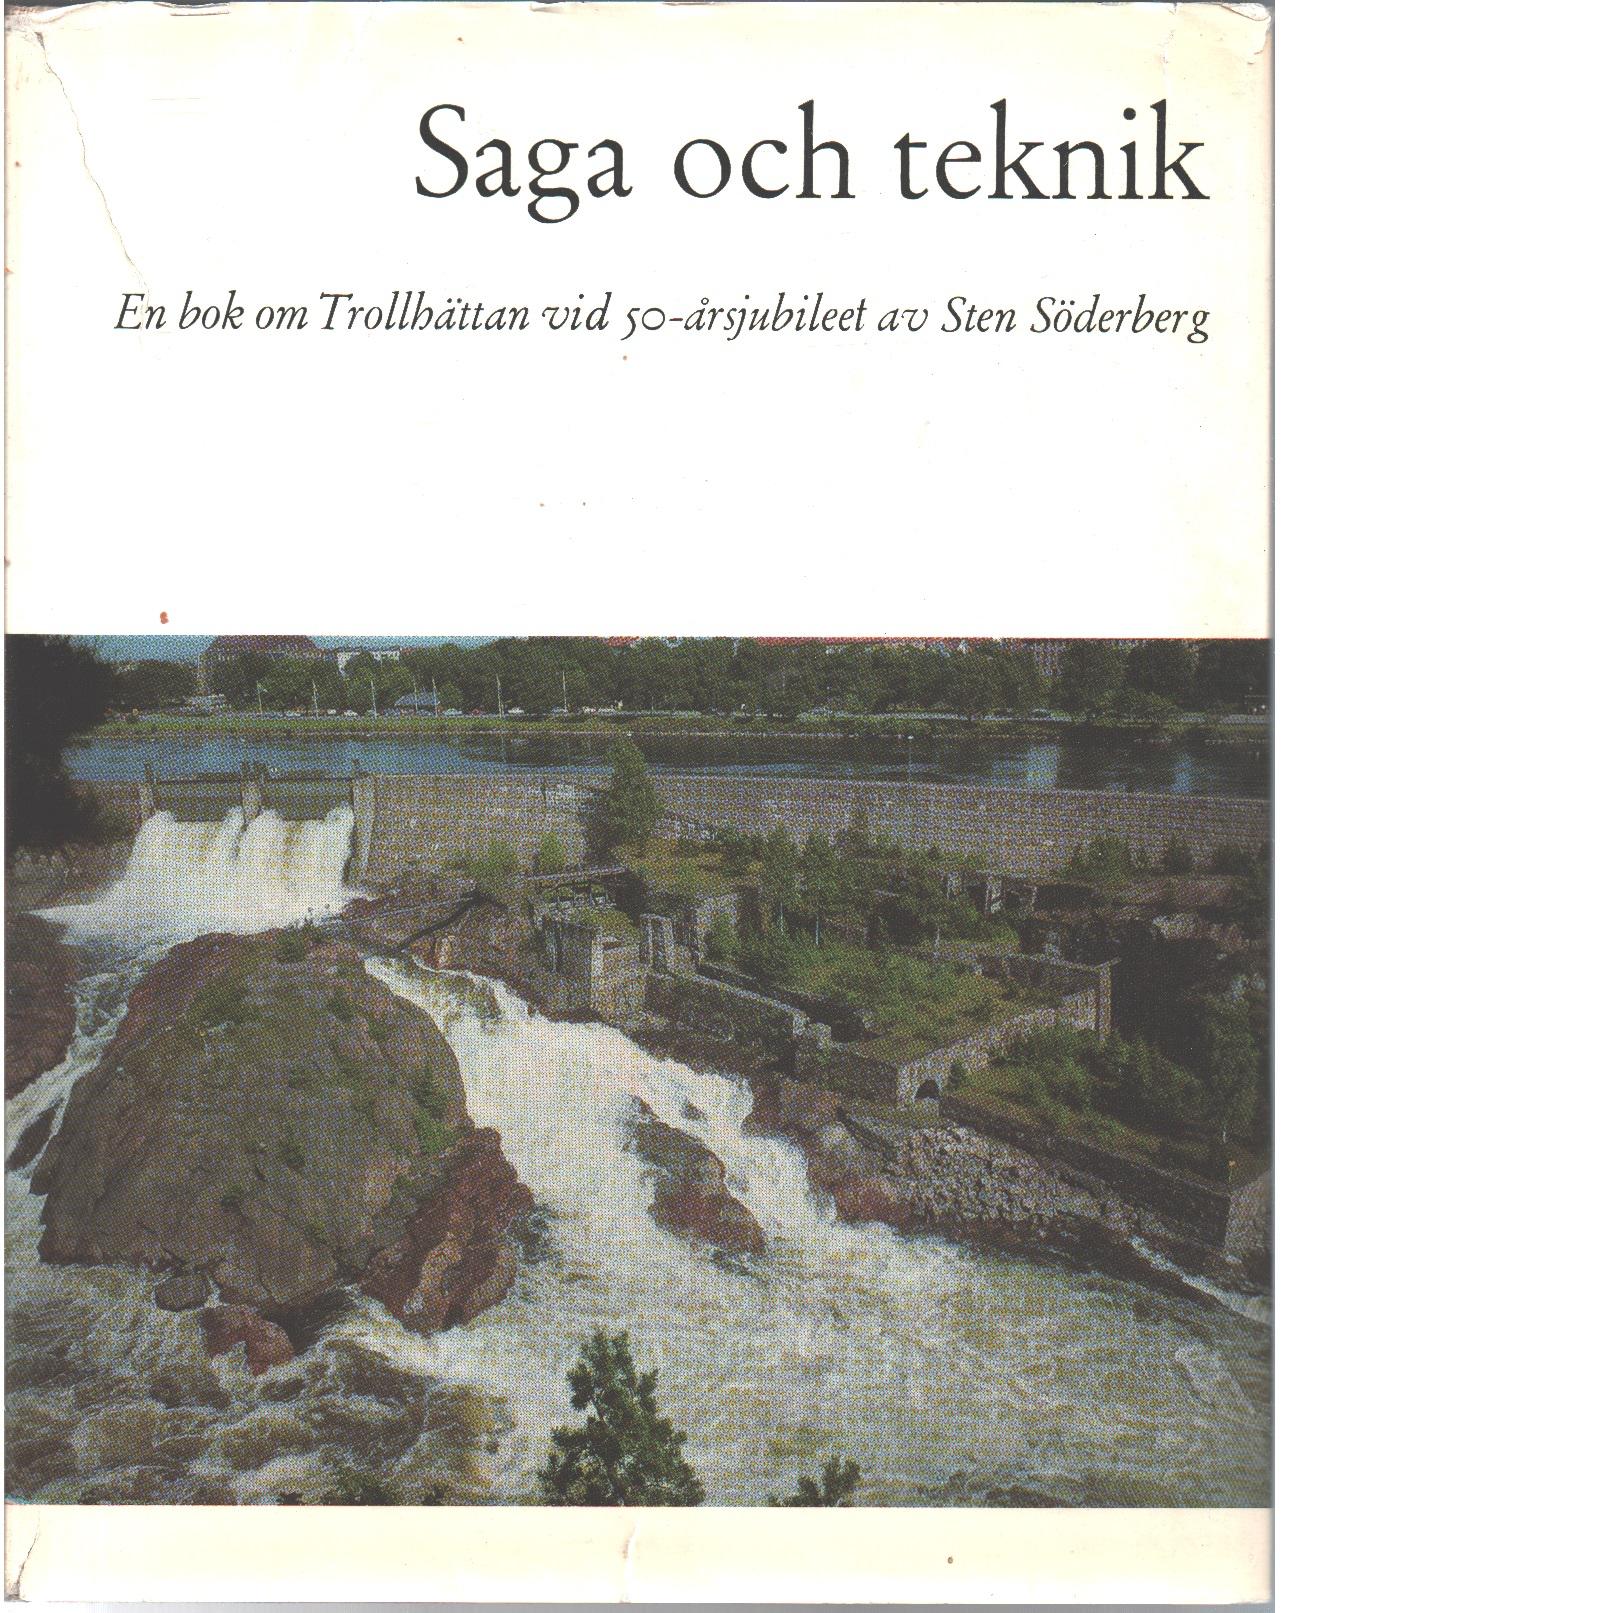 Saga och teknik : en bok om Trollhättan vid 50-årsjubileet - Söderberg, Sten